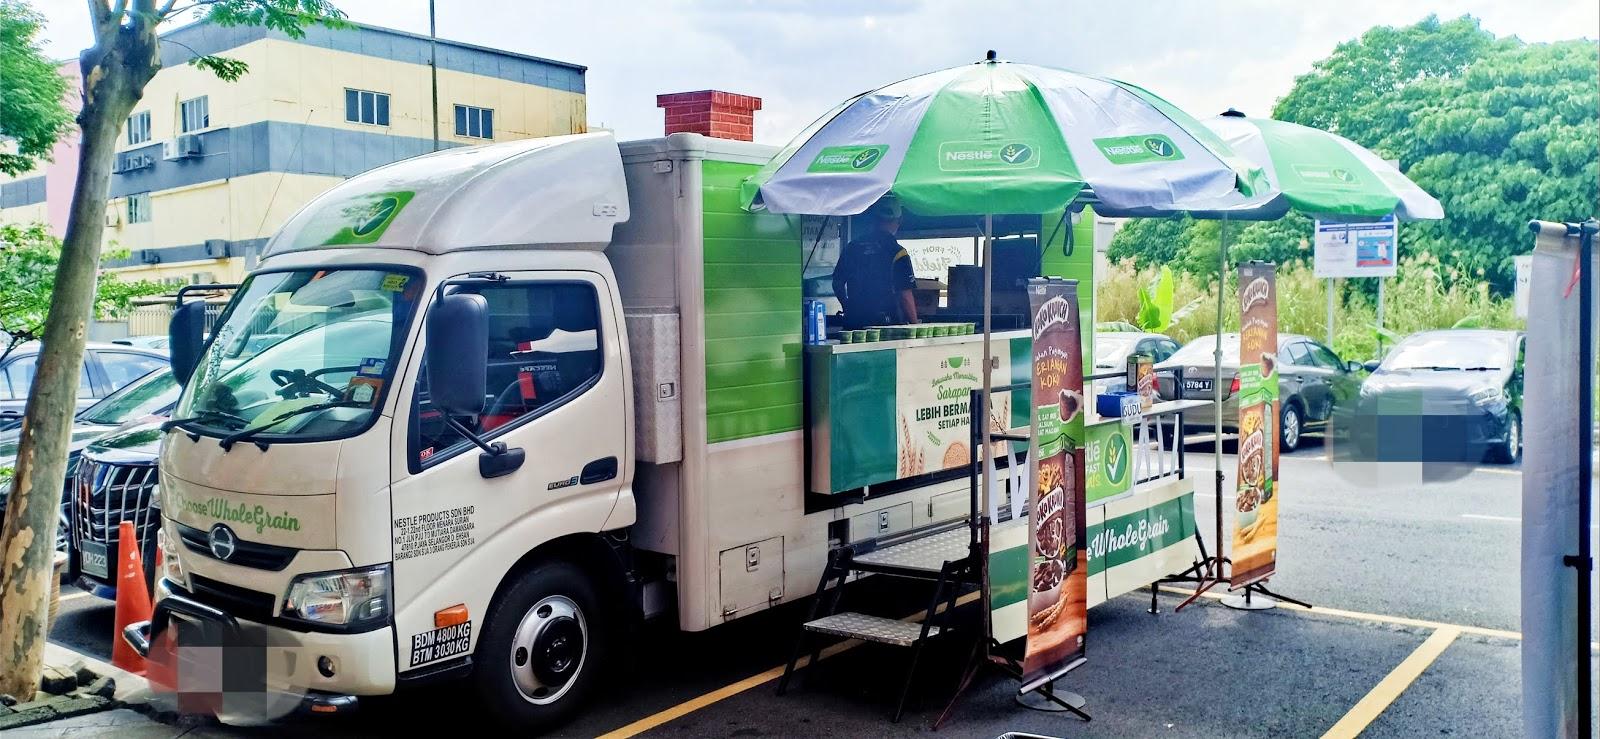 Lori Nestle (Coco Crunch & Nescafe) Datang Kolej | Cara Panggil Lori Nestle Datang Sekolah / Kolej